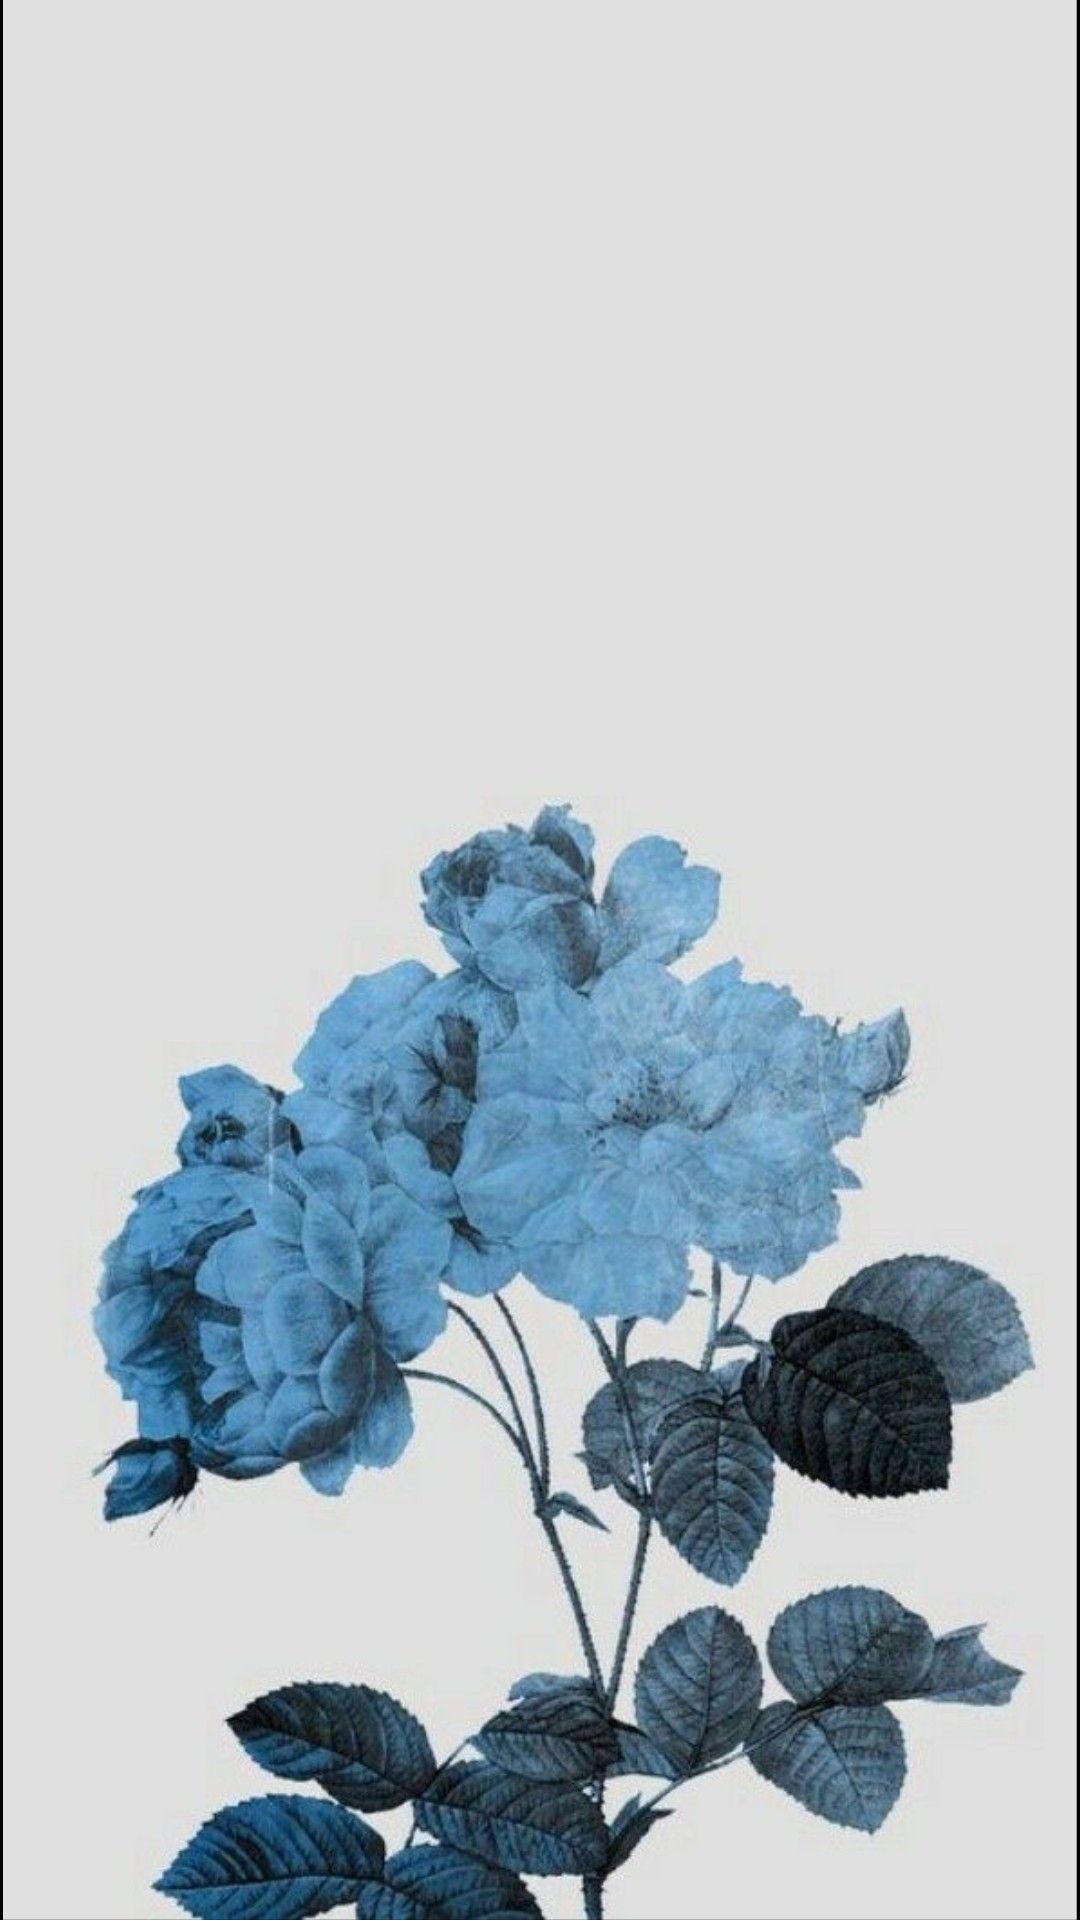 Pin oleh Anton Lavell di aapealz Ilustrasi, Seni, Latar